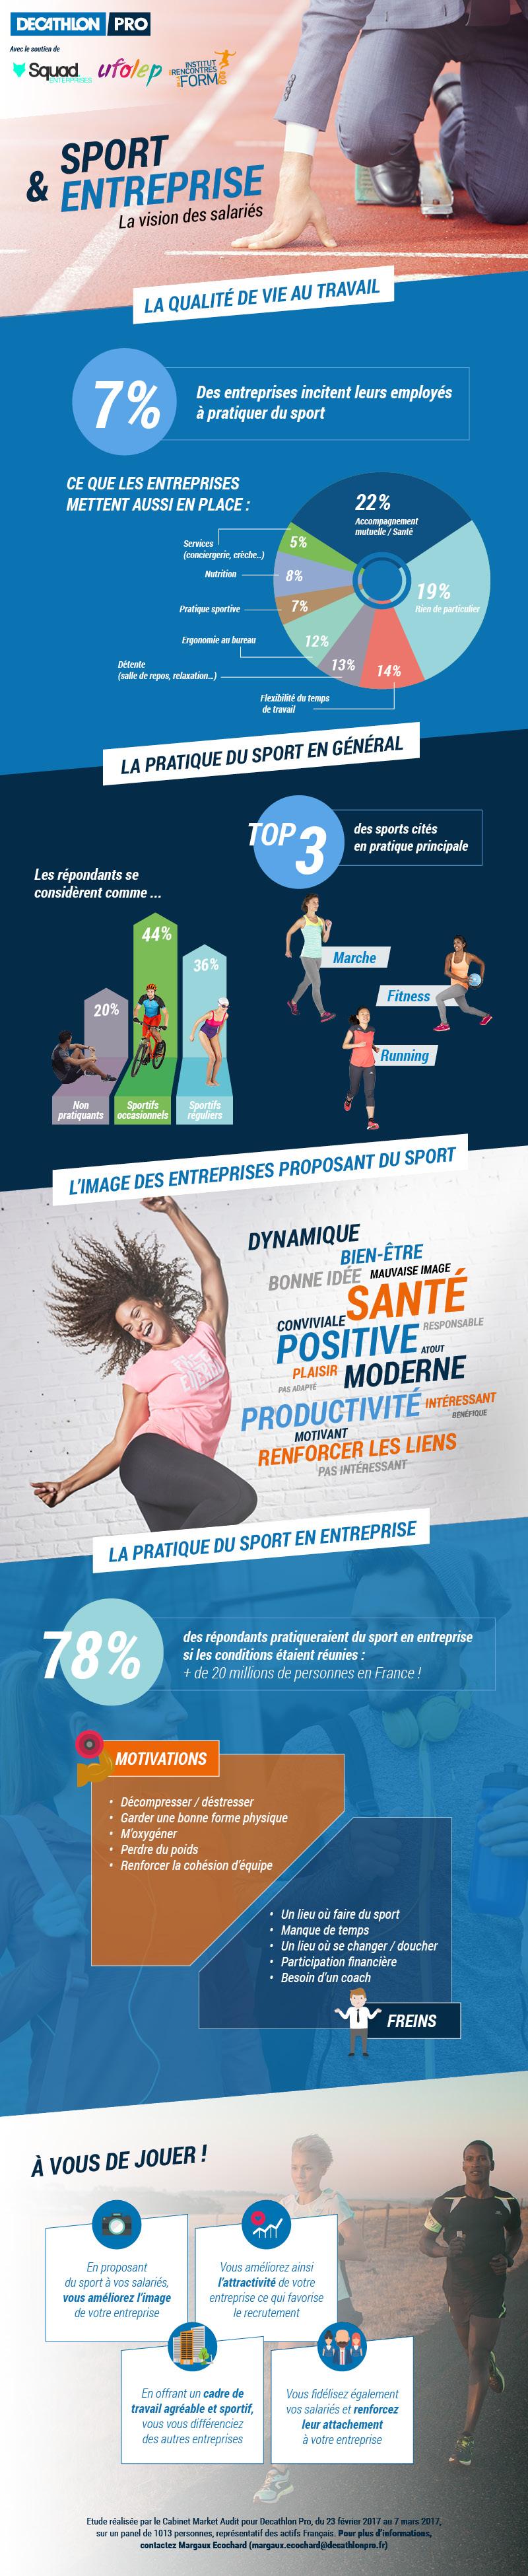 Infographie-sportenentreprise-decathlon